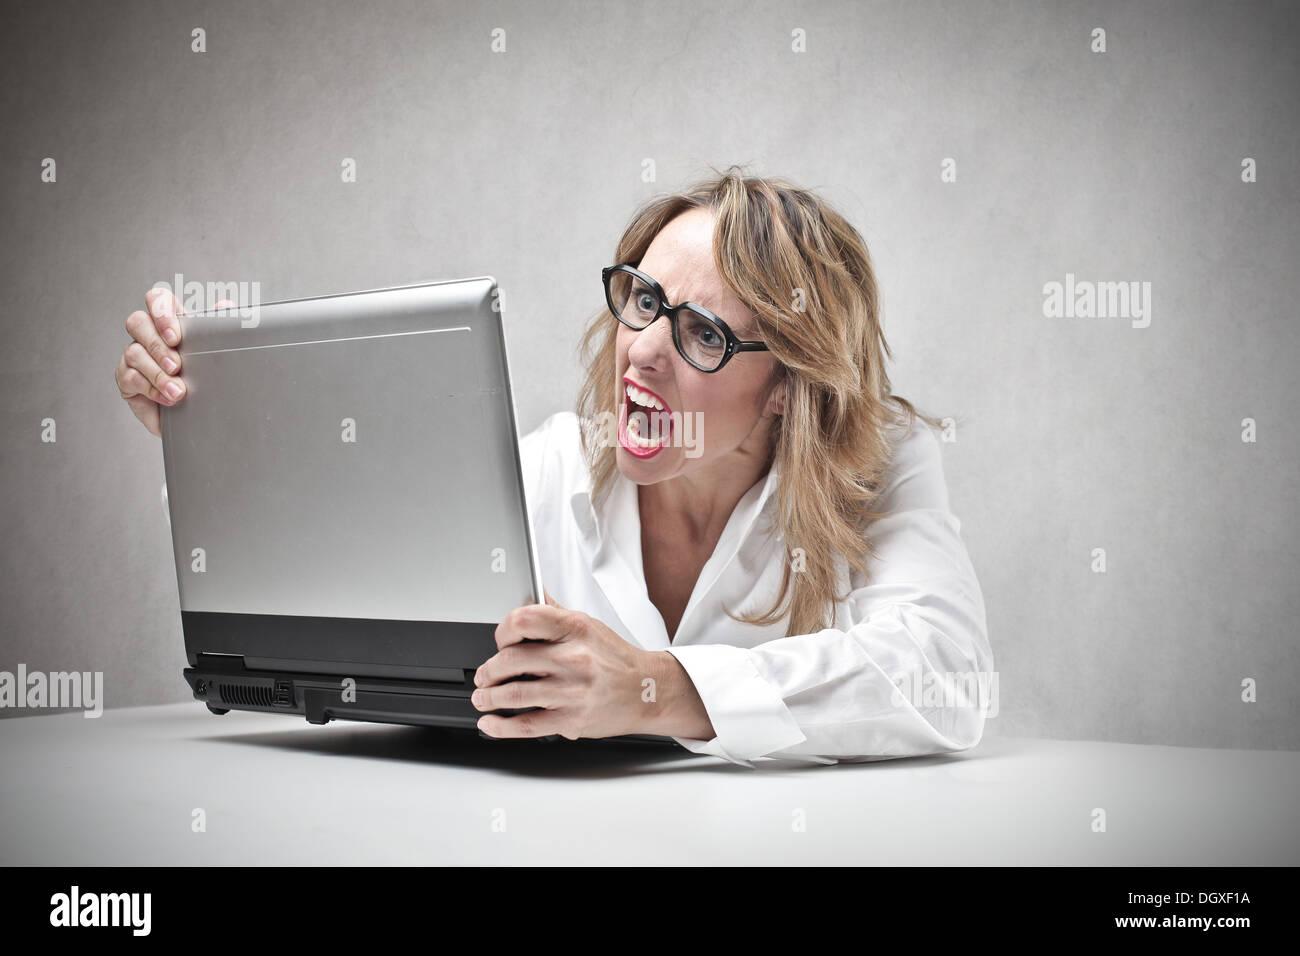 Femme blonde avec des lunettes de crier contre un ordinateur portable Photo Stock